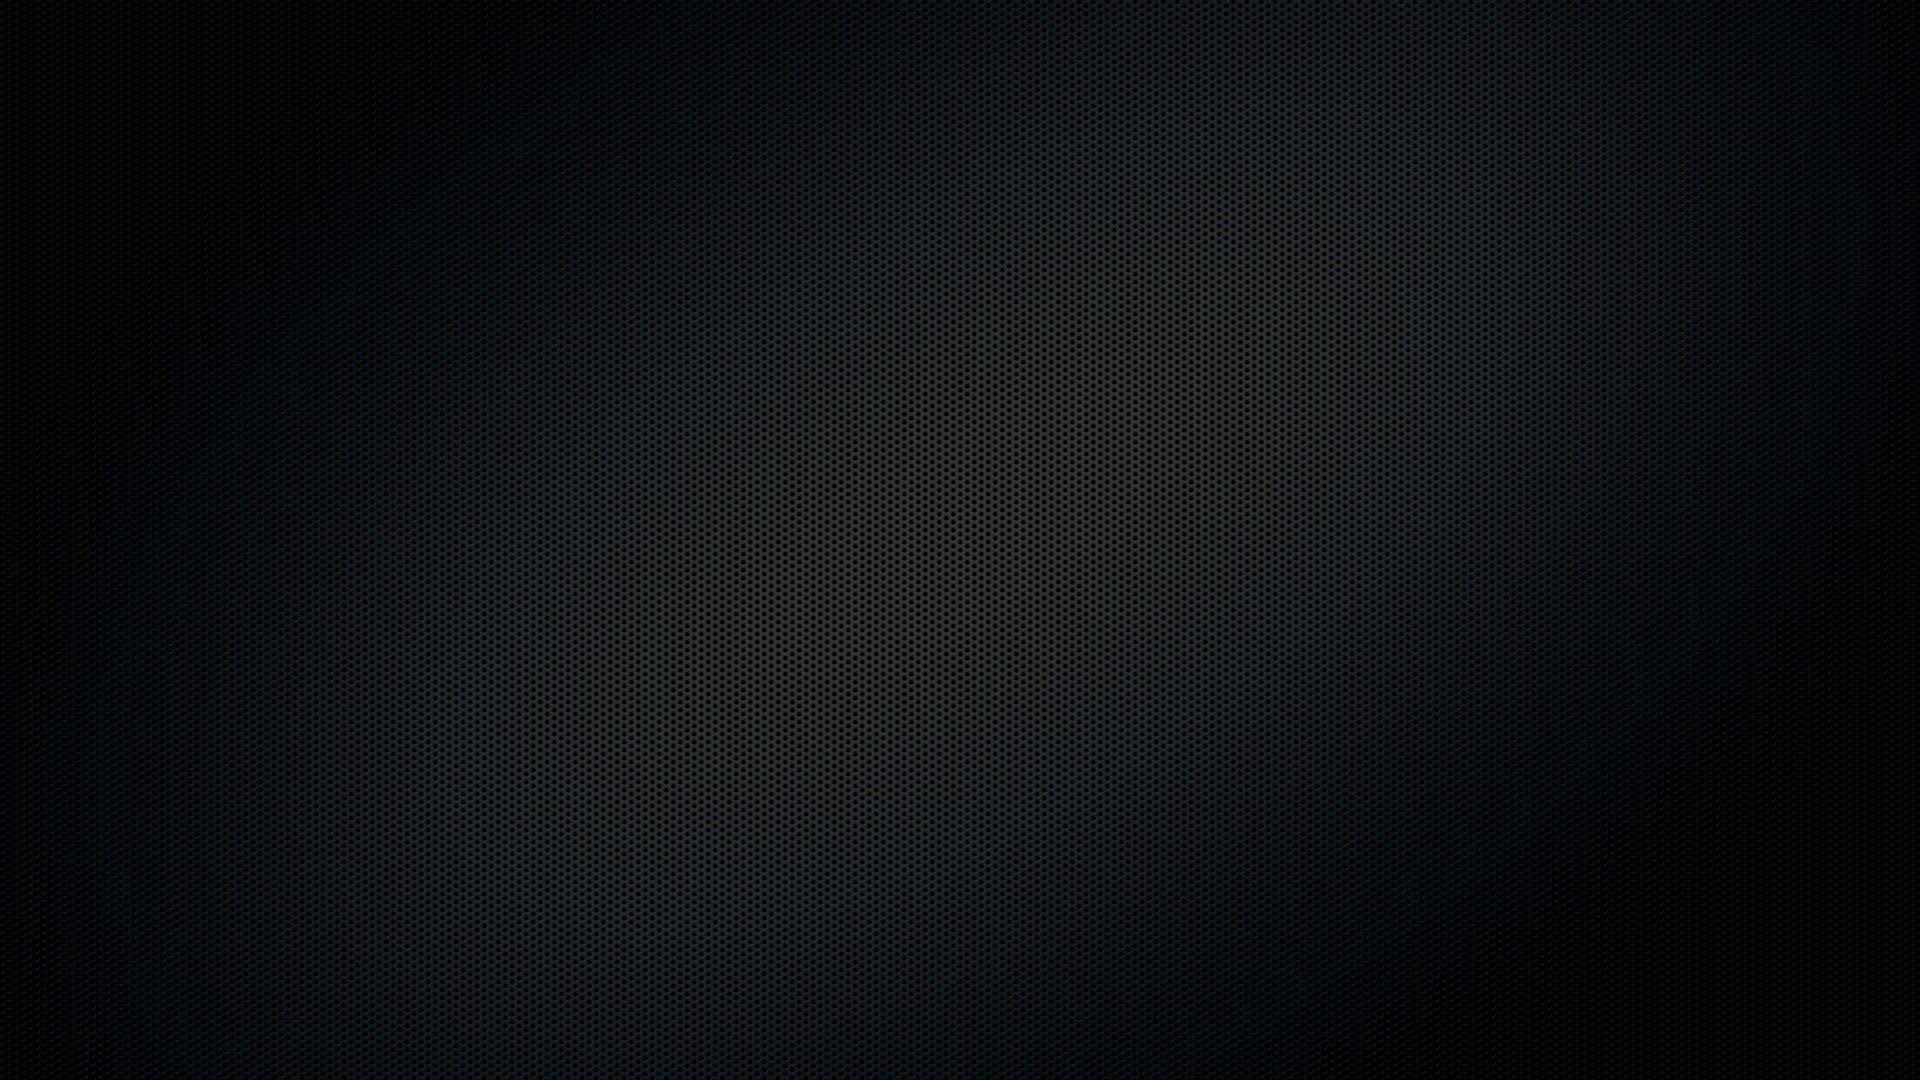 Black HD Wallpaper 1920x1080 - WallpaperSafari